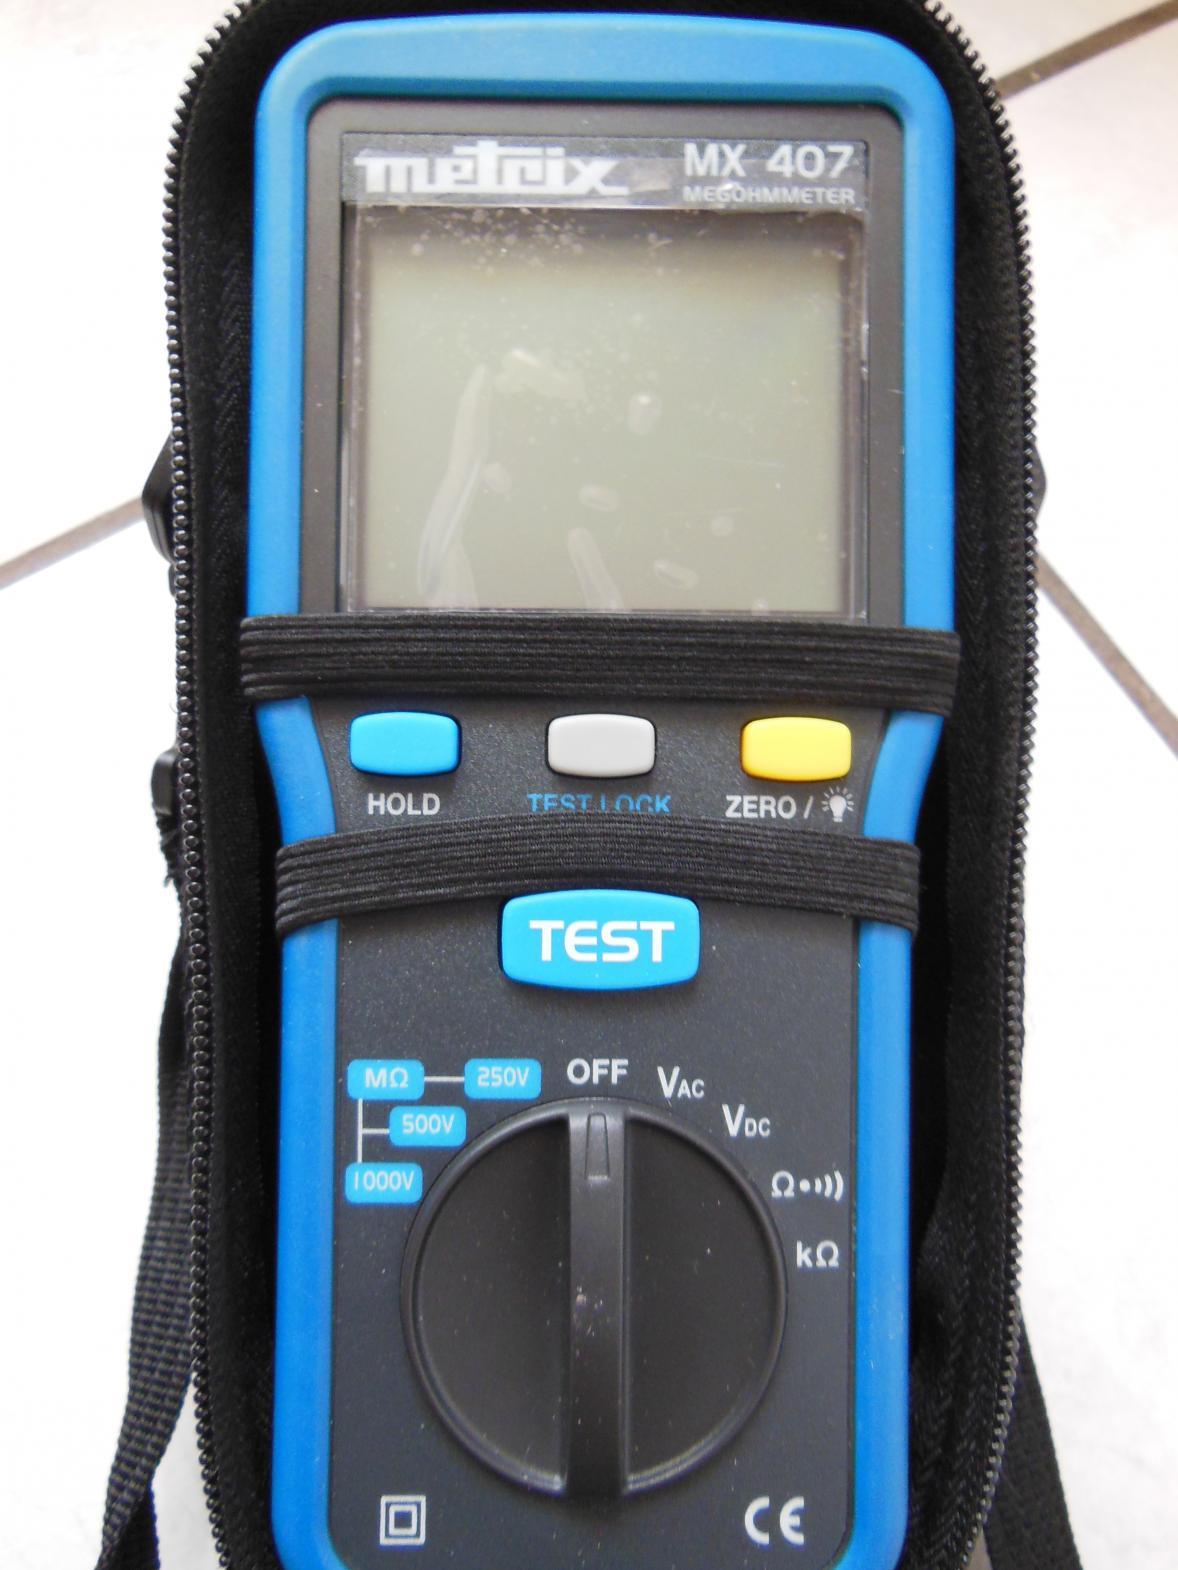 électricien à Montluçon : outils de diagnostic électrique megohmmetre